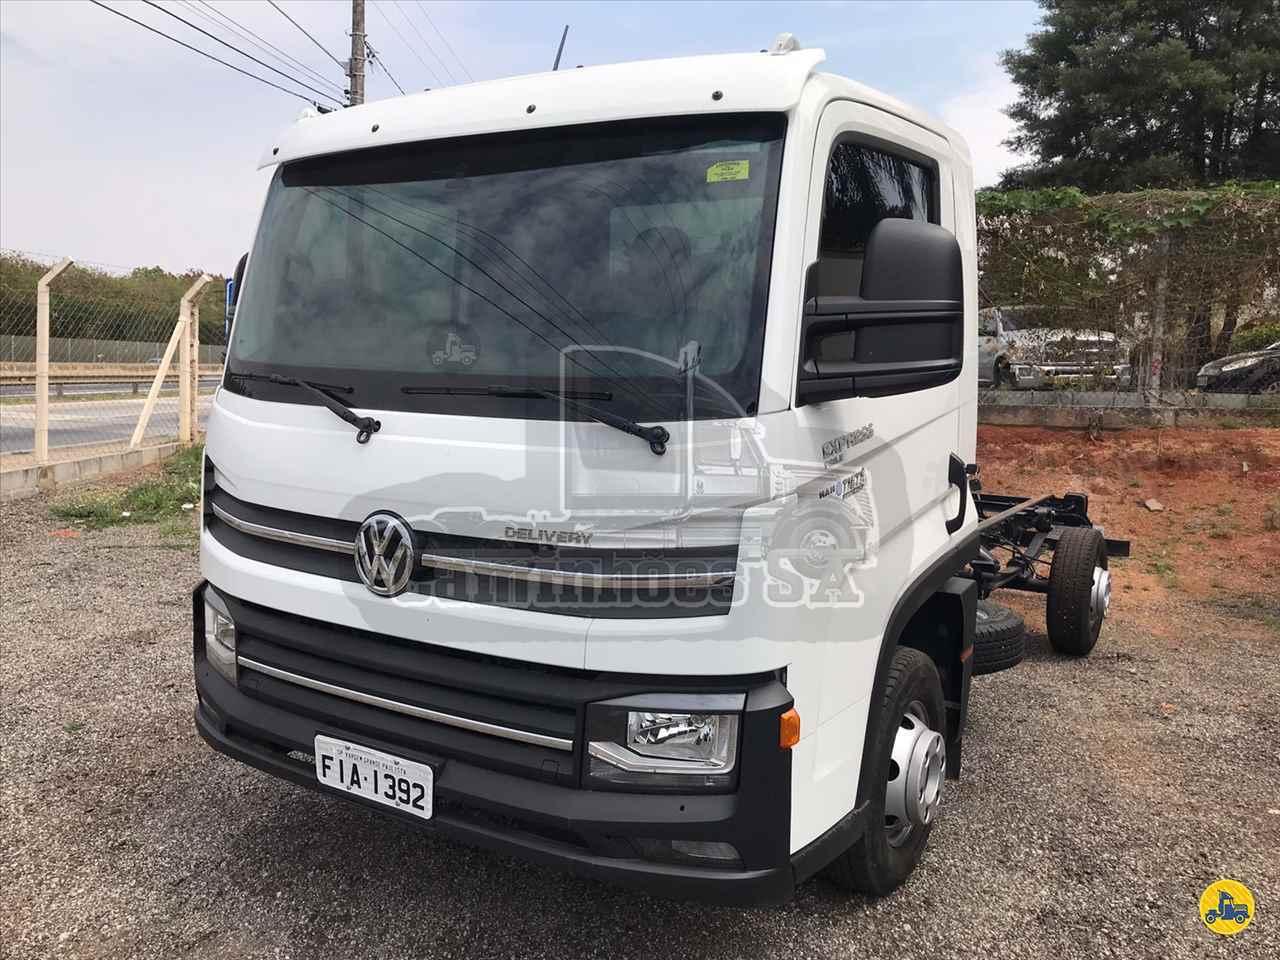 CAMINHAO VOLKSWAGEN DELIVERY EXPRESS Chassis 3/4 4x2 Caminhões SA VOTORANTIM SÃO PAULO SP